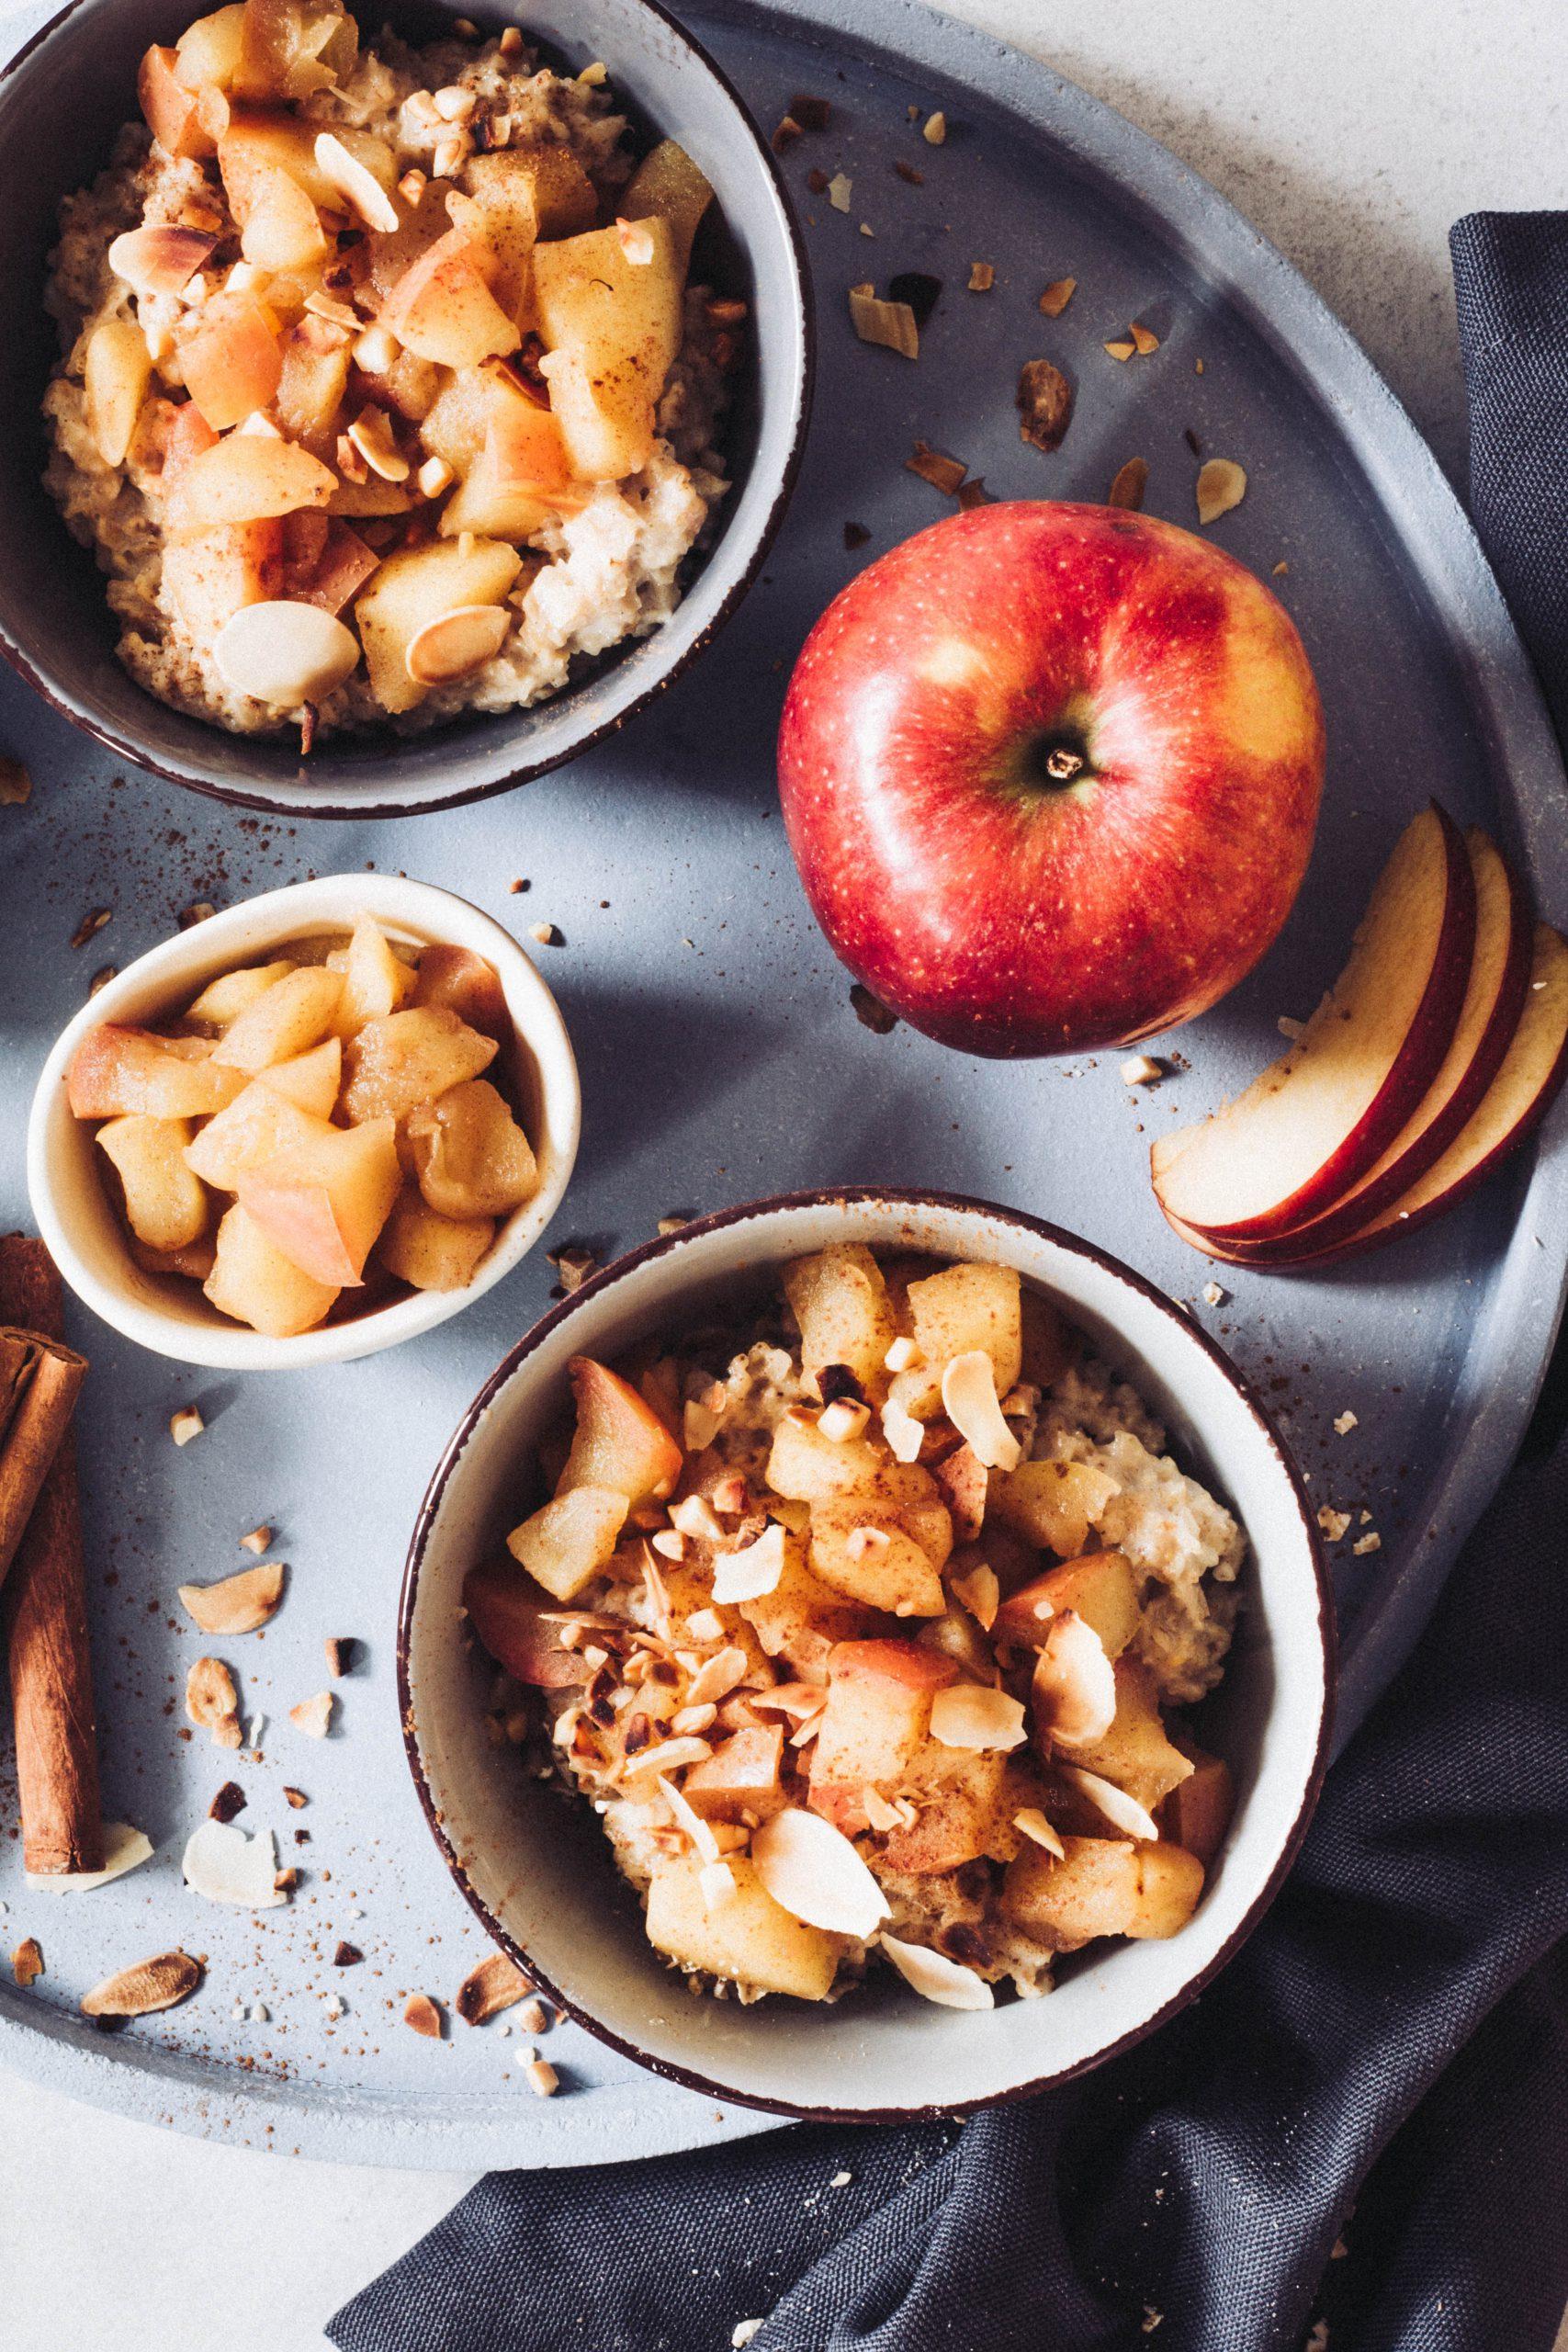 Gesundes Frühstück für Kinder und Erwachsene - Bratapfel Porridge. Lieblingszwei.de